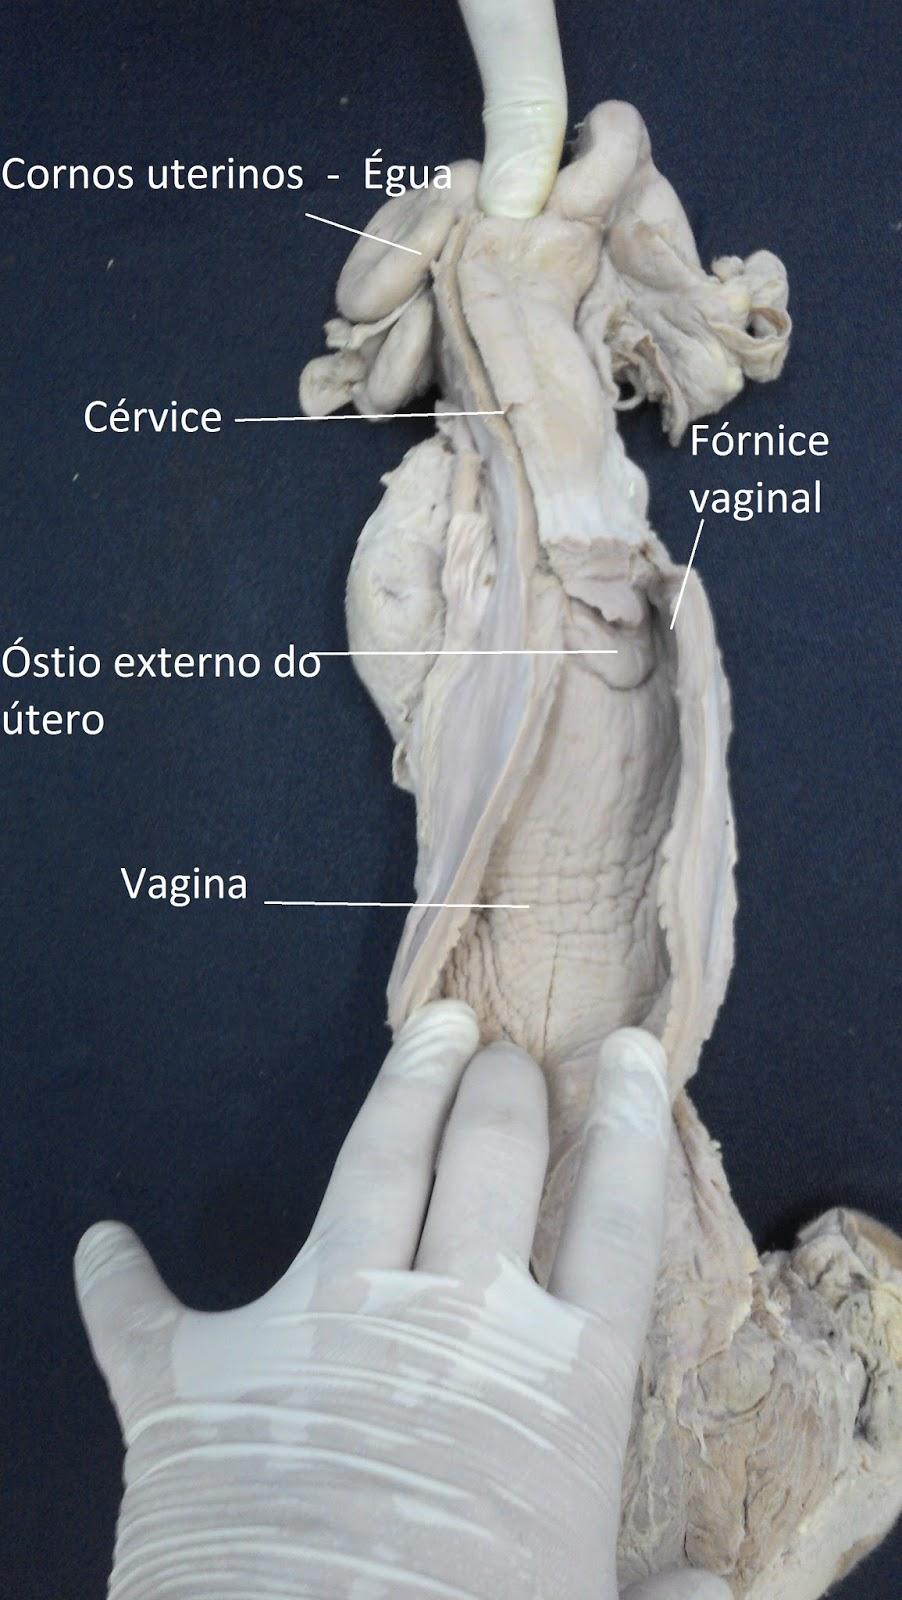 Moderno Anatomía Vaginal Externa Cresta - Imágenes de Anatomía ...